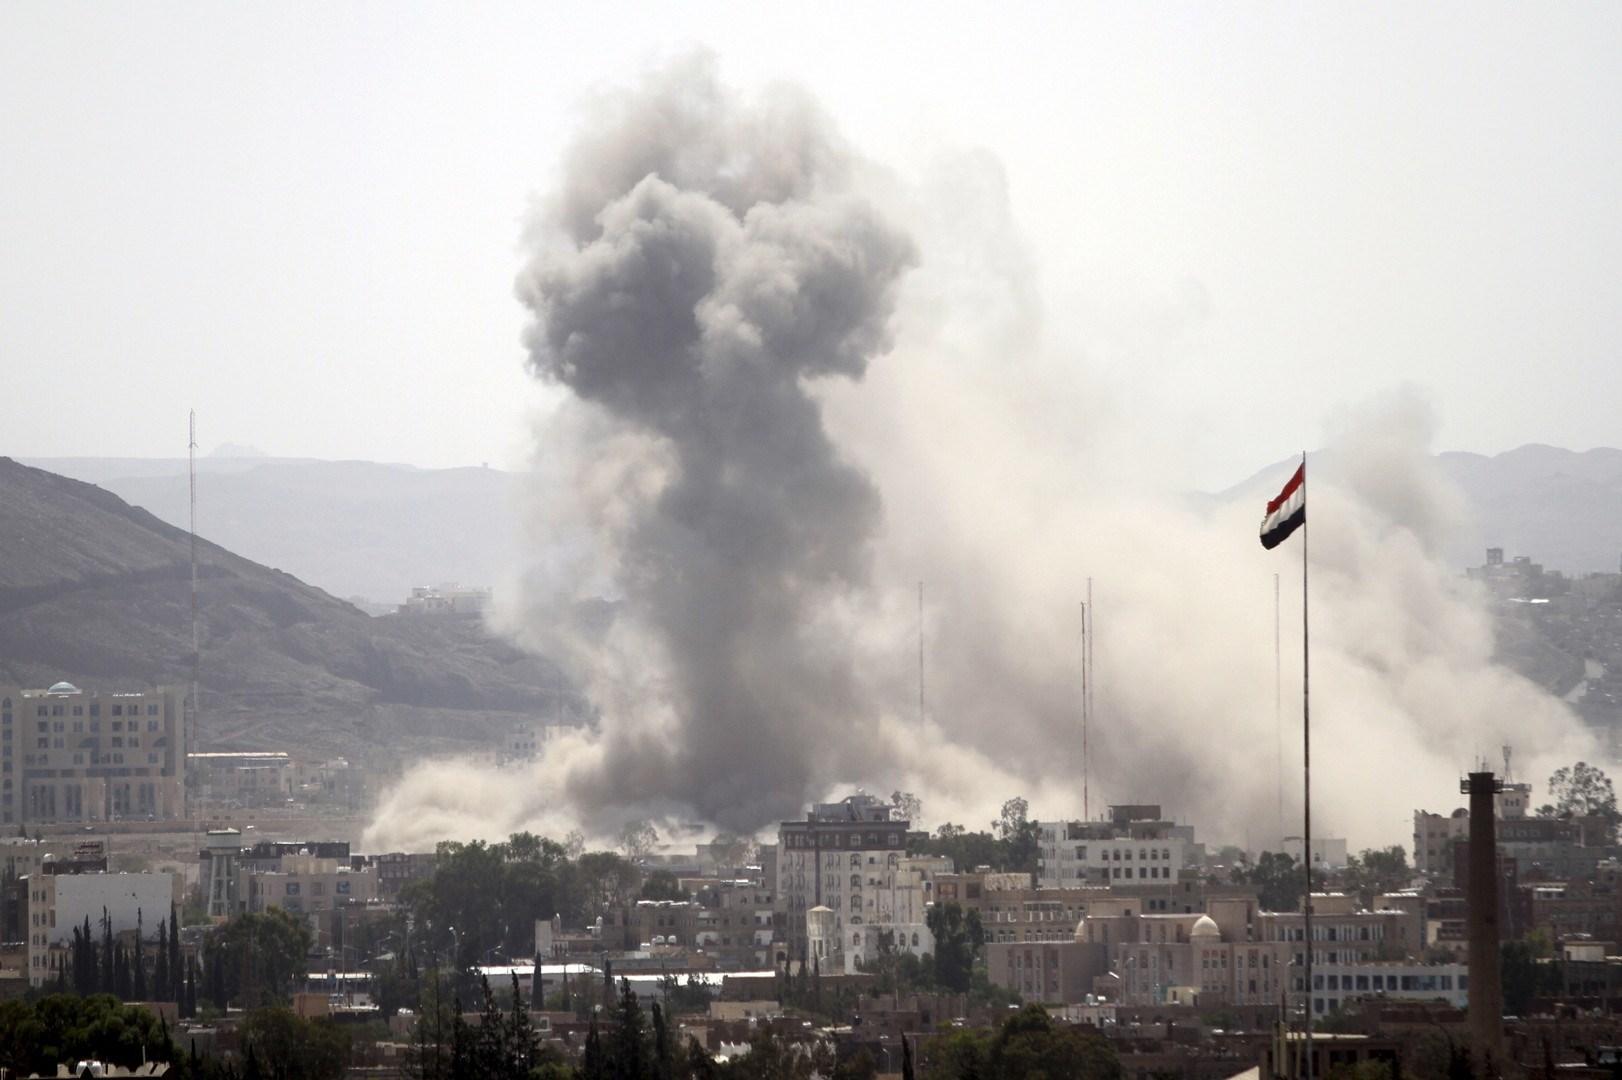 غارات التحالف السعودي على صنعاء (أرشيف)